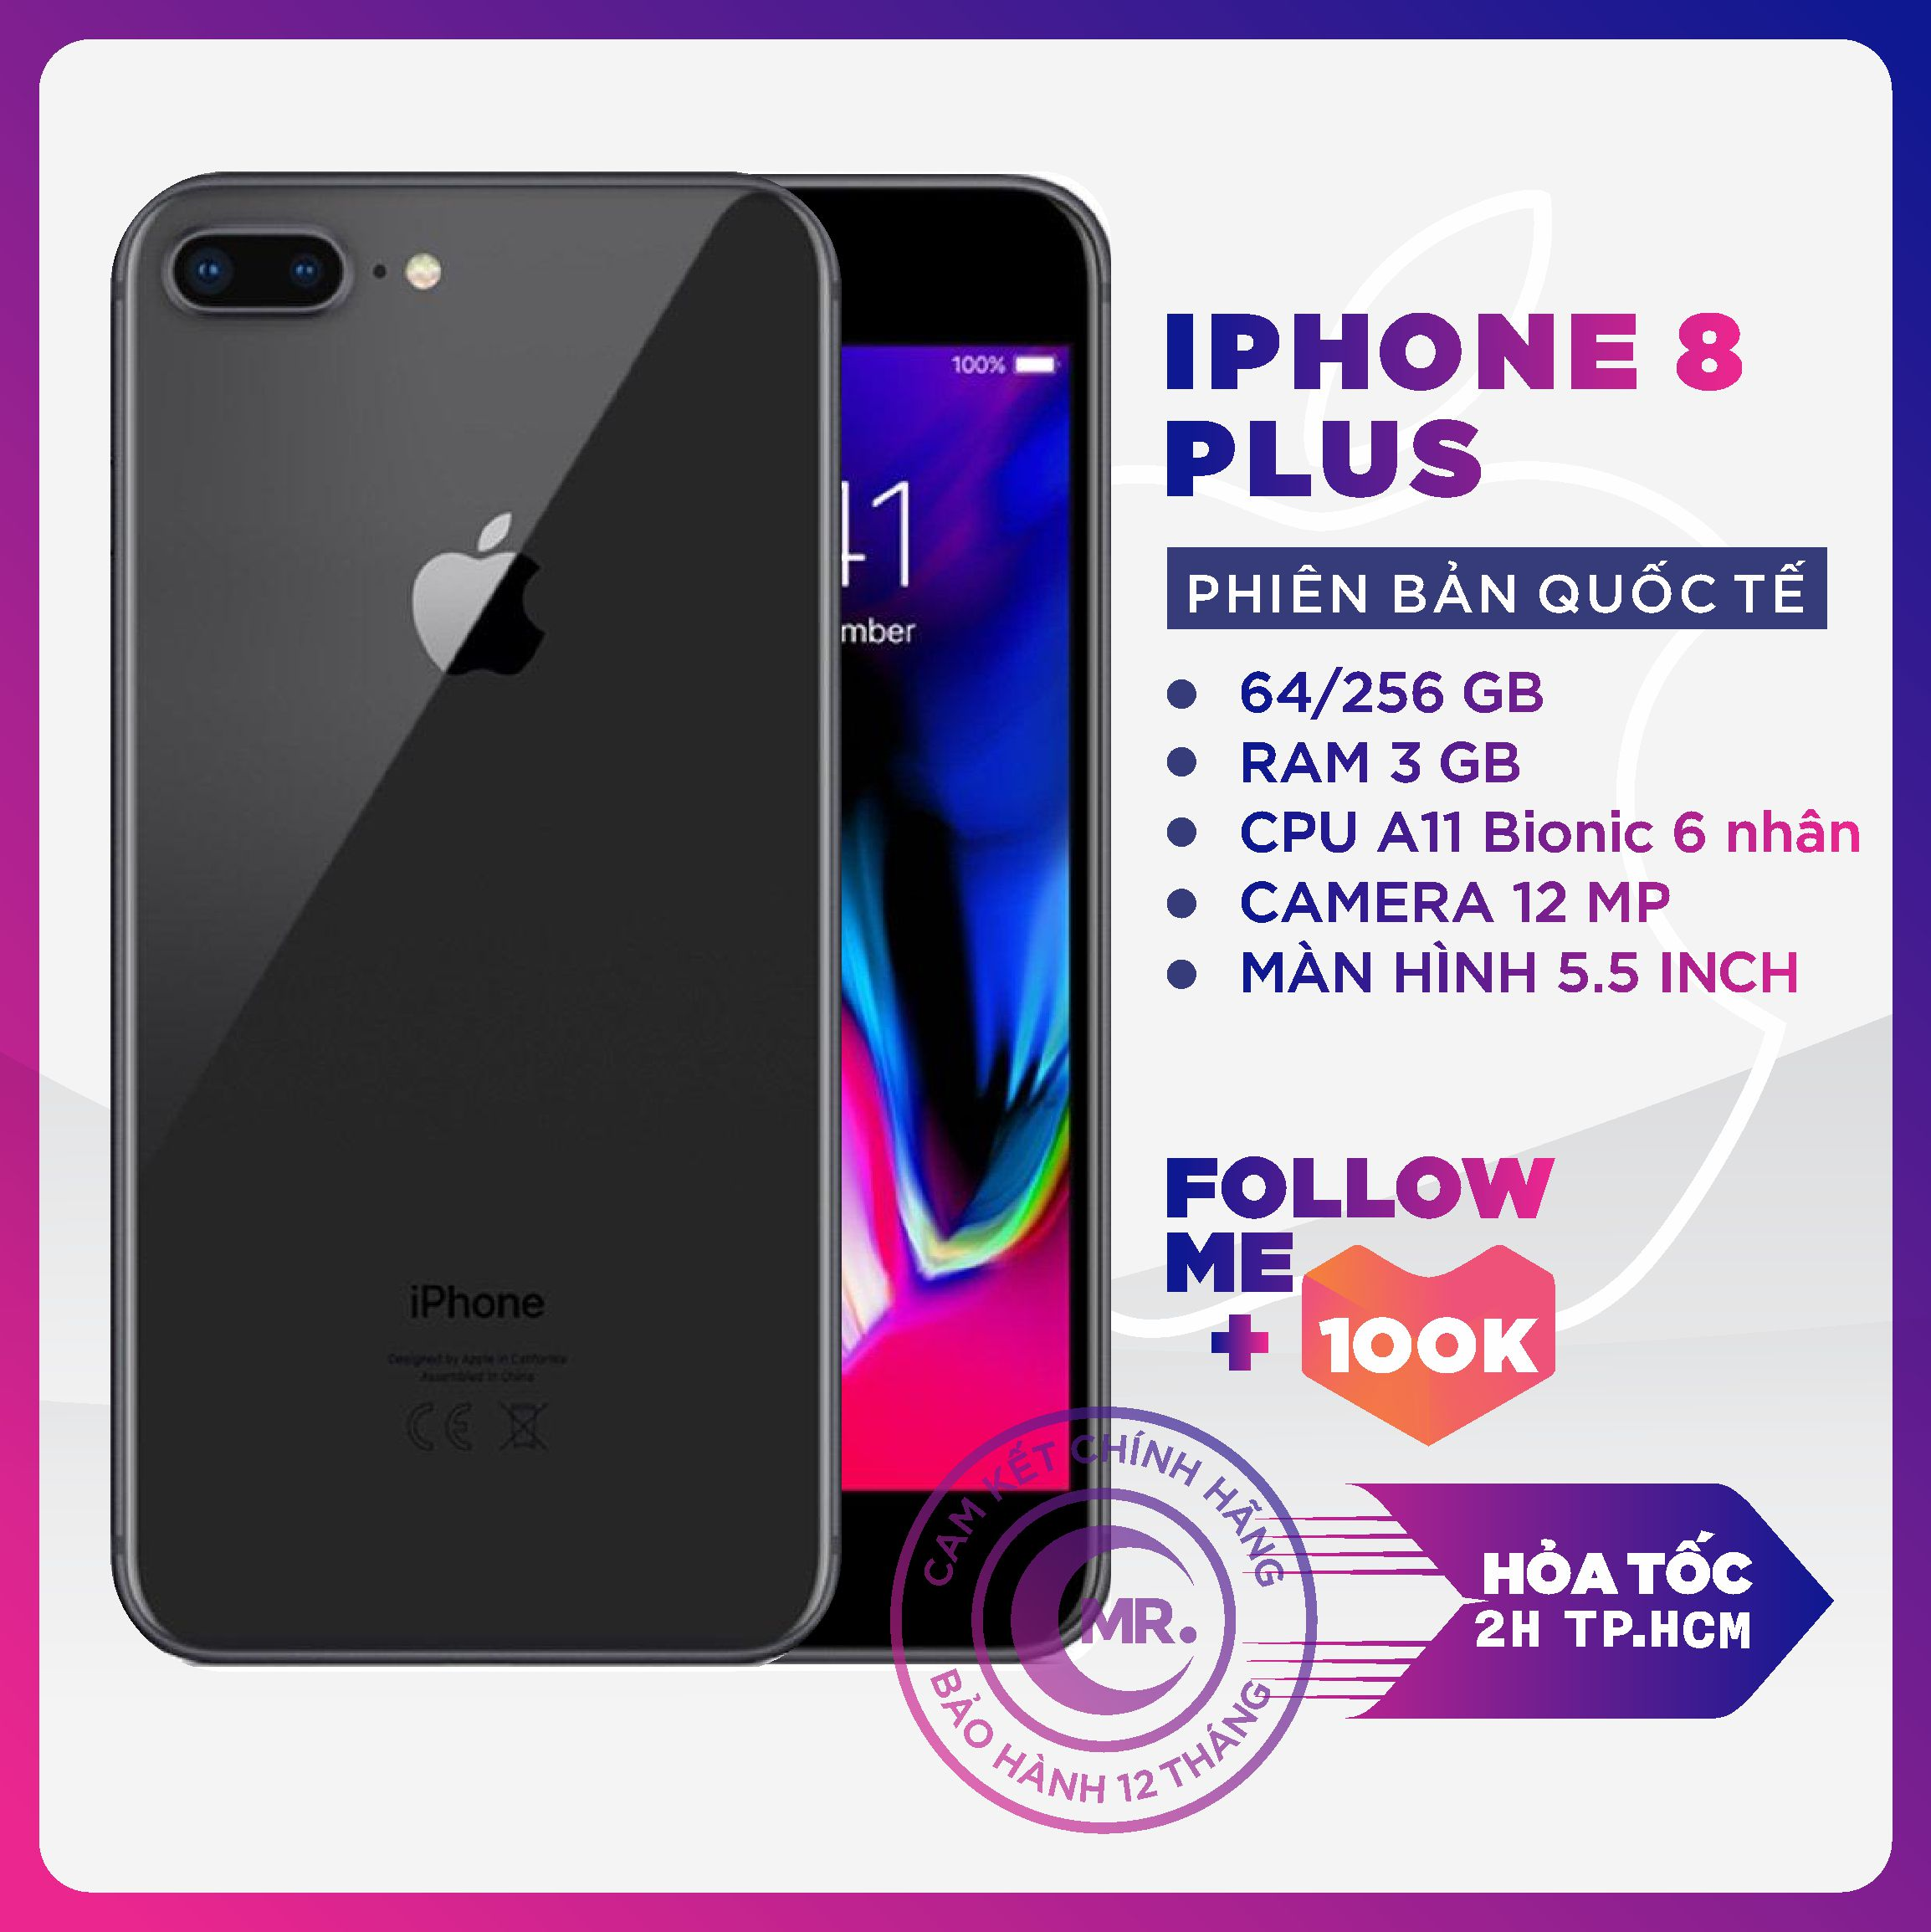 Điện thoại Apple iPhone 8 PLUS 64GB 256GB QUỐC TẾ 3GB RAM Hexa-core A11 Bionic Card Màn Hình 3 Nhân Màn Hình FULL HD Retina 5.5 inches 2 Camera Sau 12MP Selfie Cam 7MP Cao Cấp